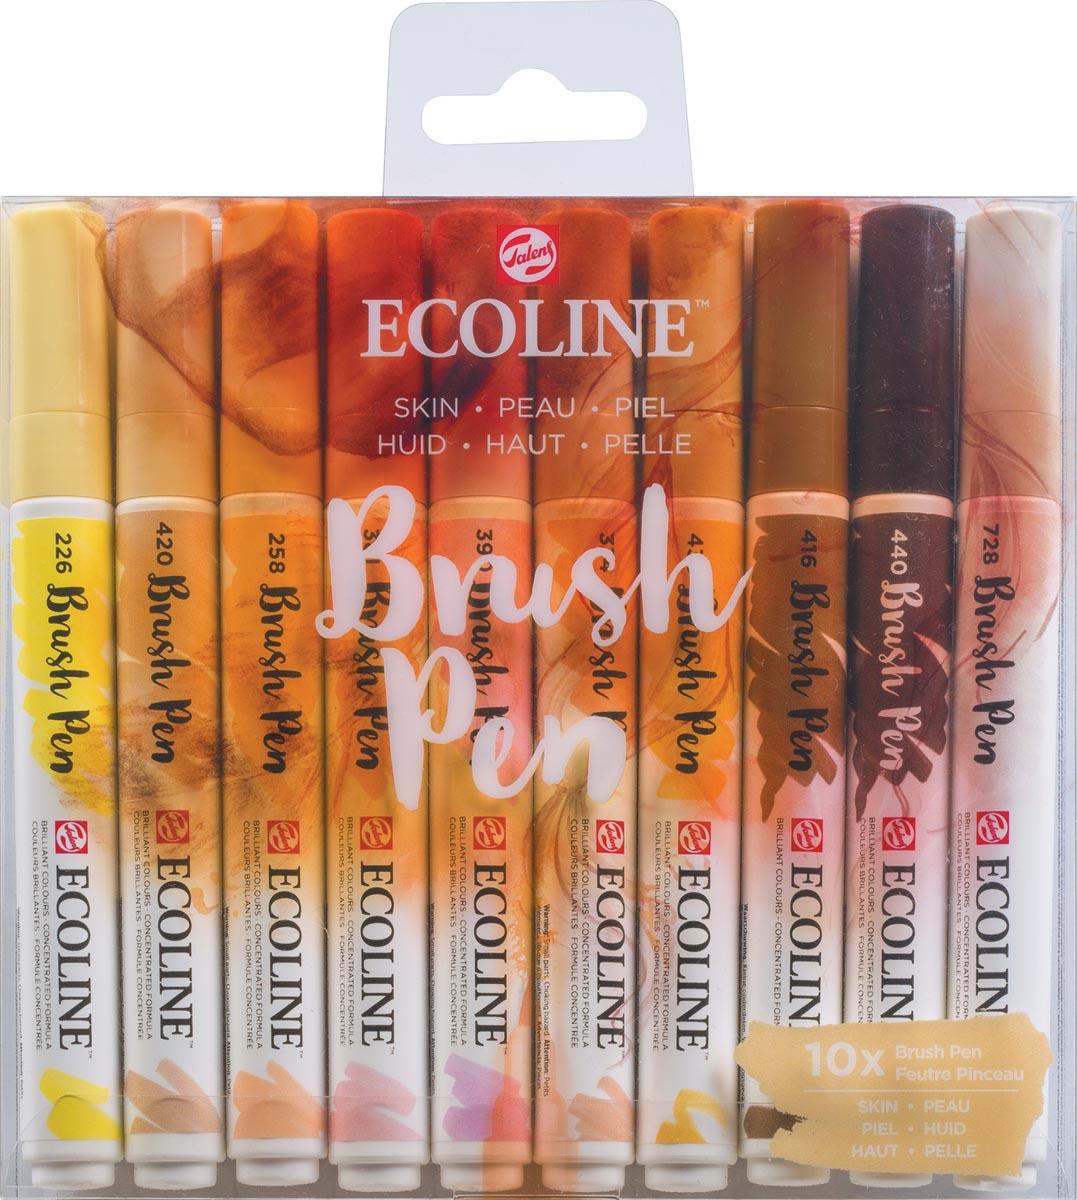 Talens Ecoline Brush pen, etui van 10 stuks, Huid